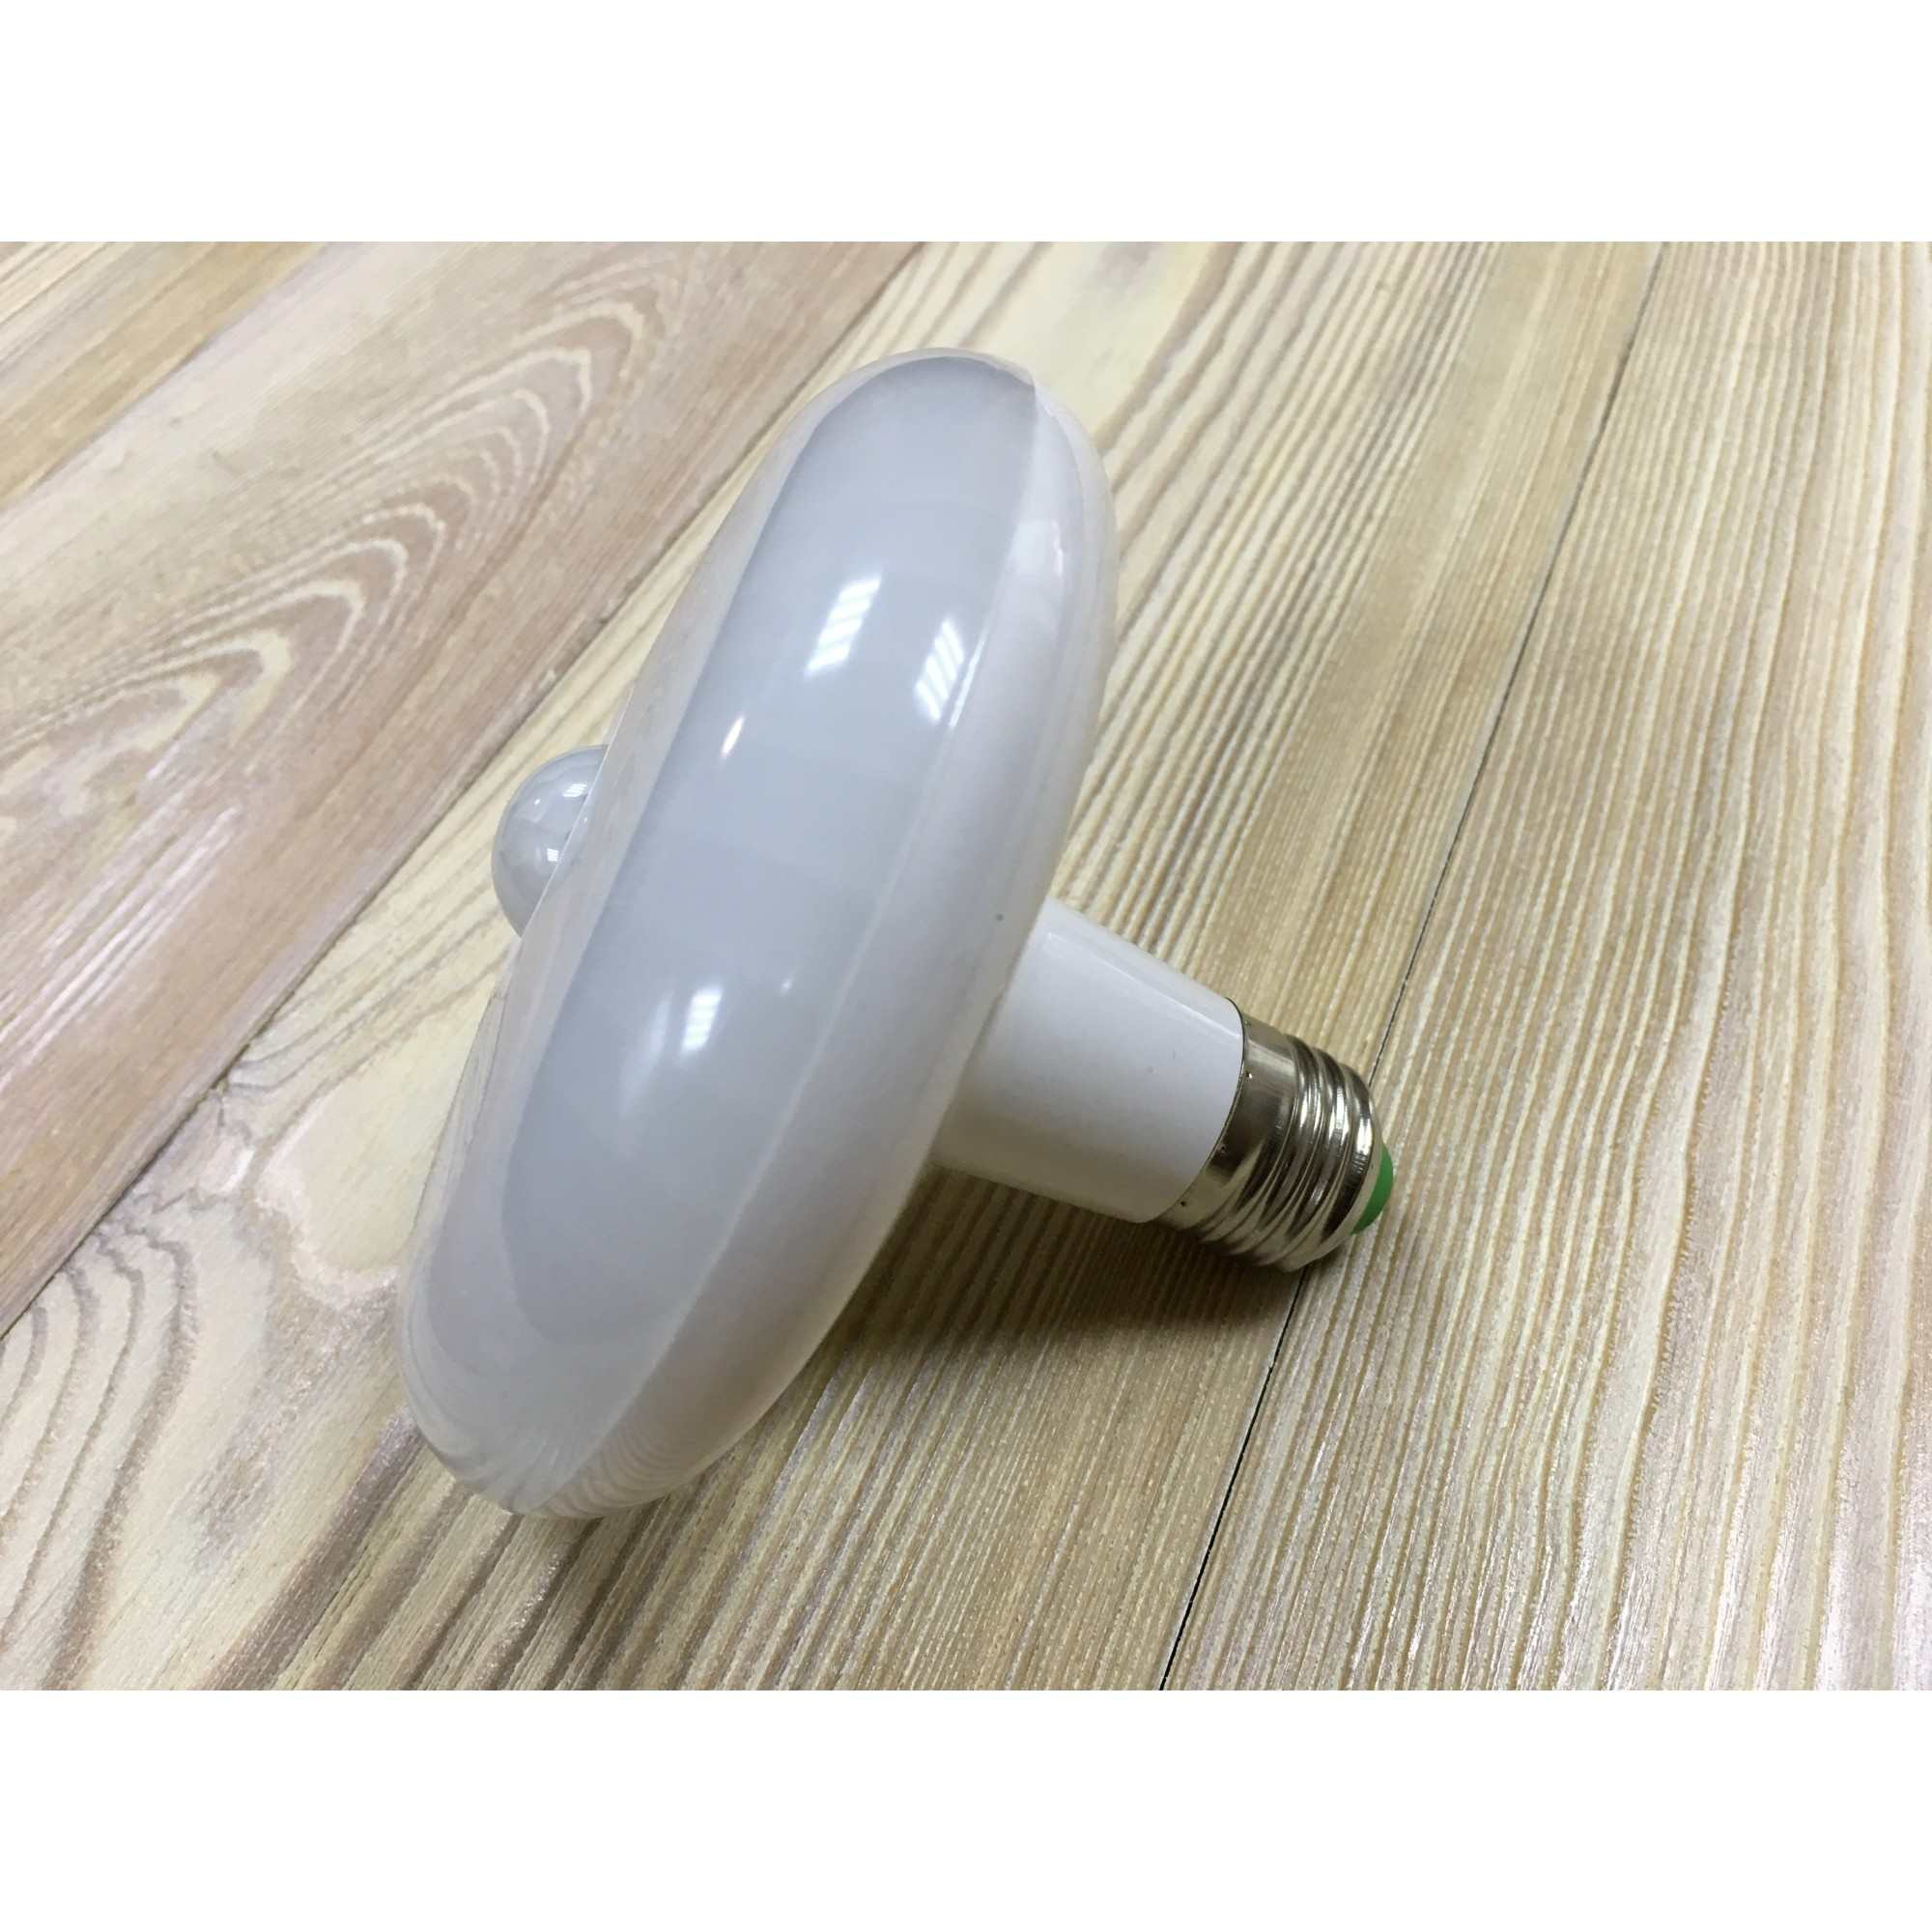 Светодиодная лампочка с датчиком движения , цоколь Е27, 12 Вт